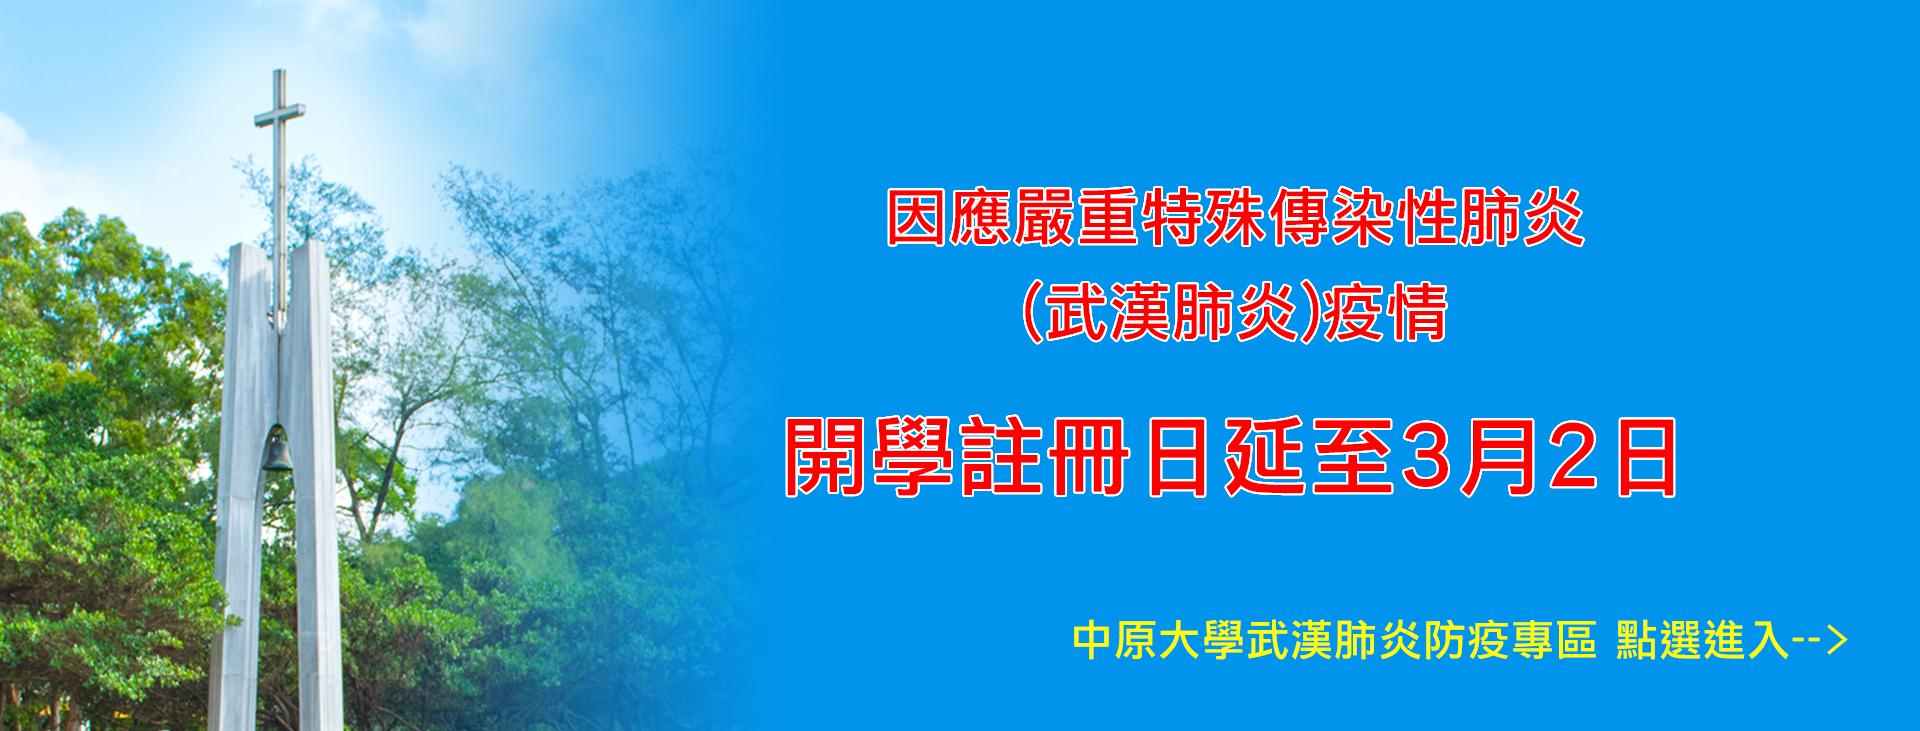 中原大學武漢肺炎防疫專區 點選進入 (開學註冊日延至3月2日)